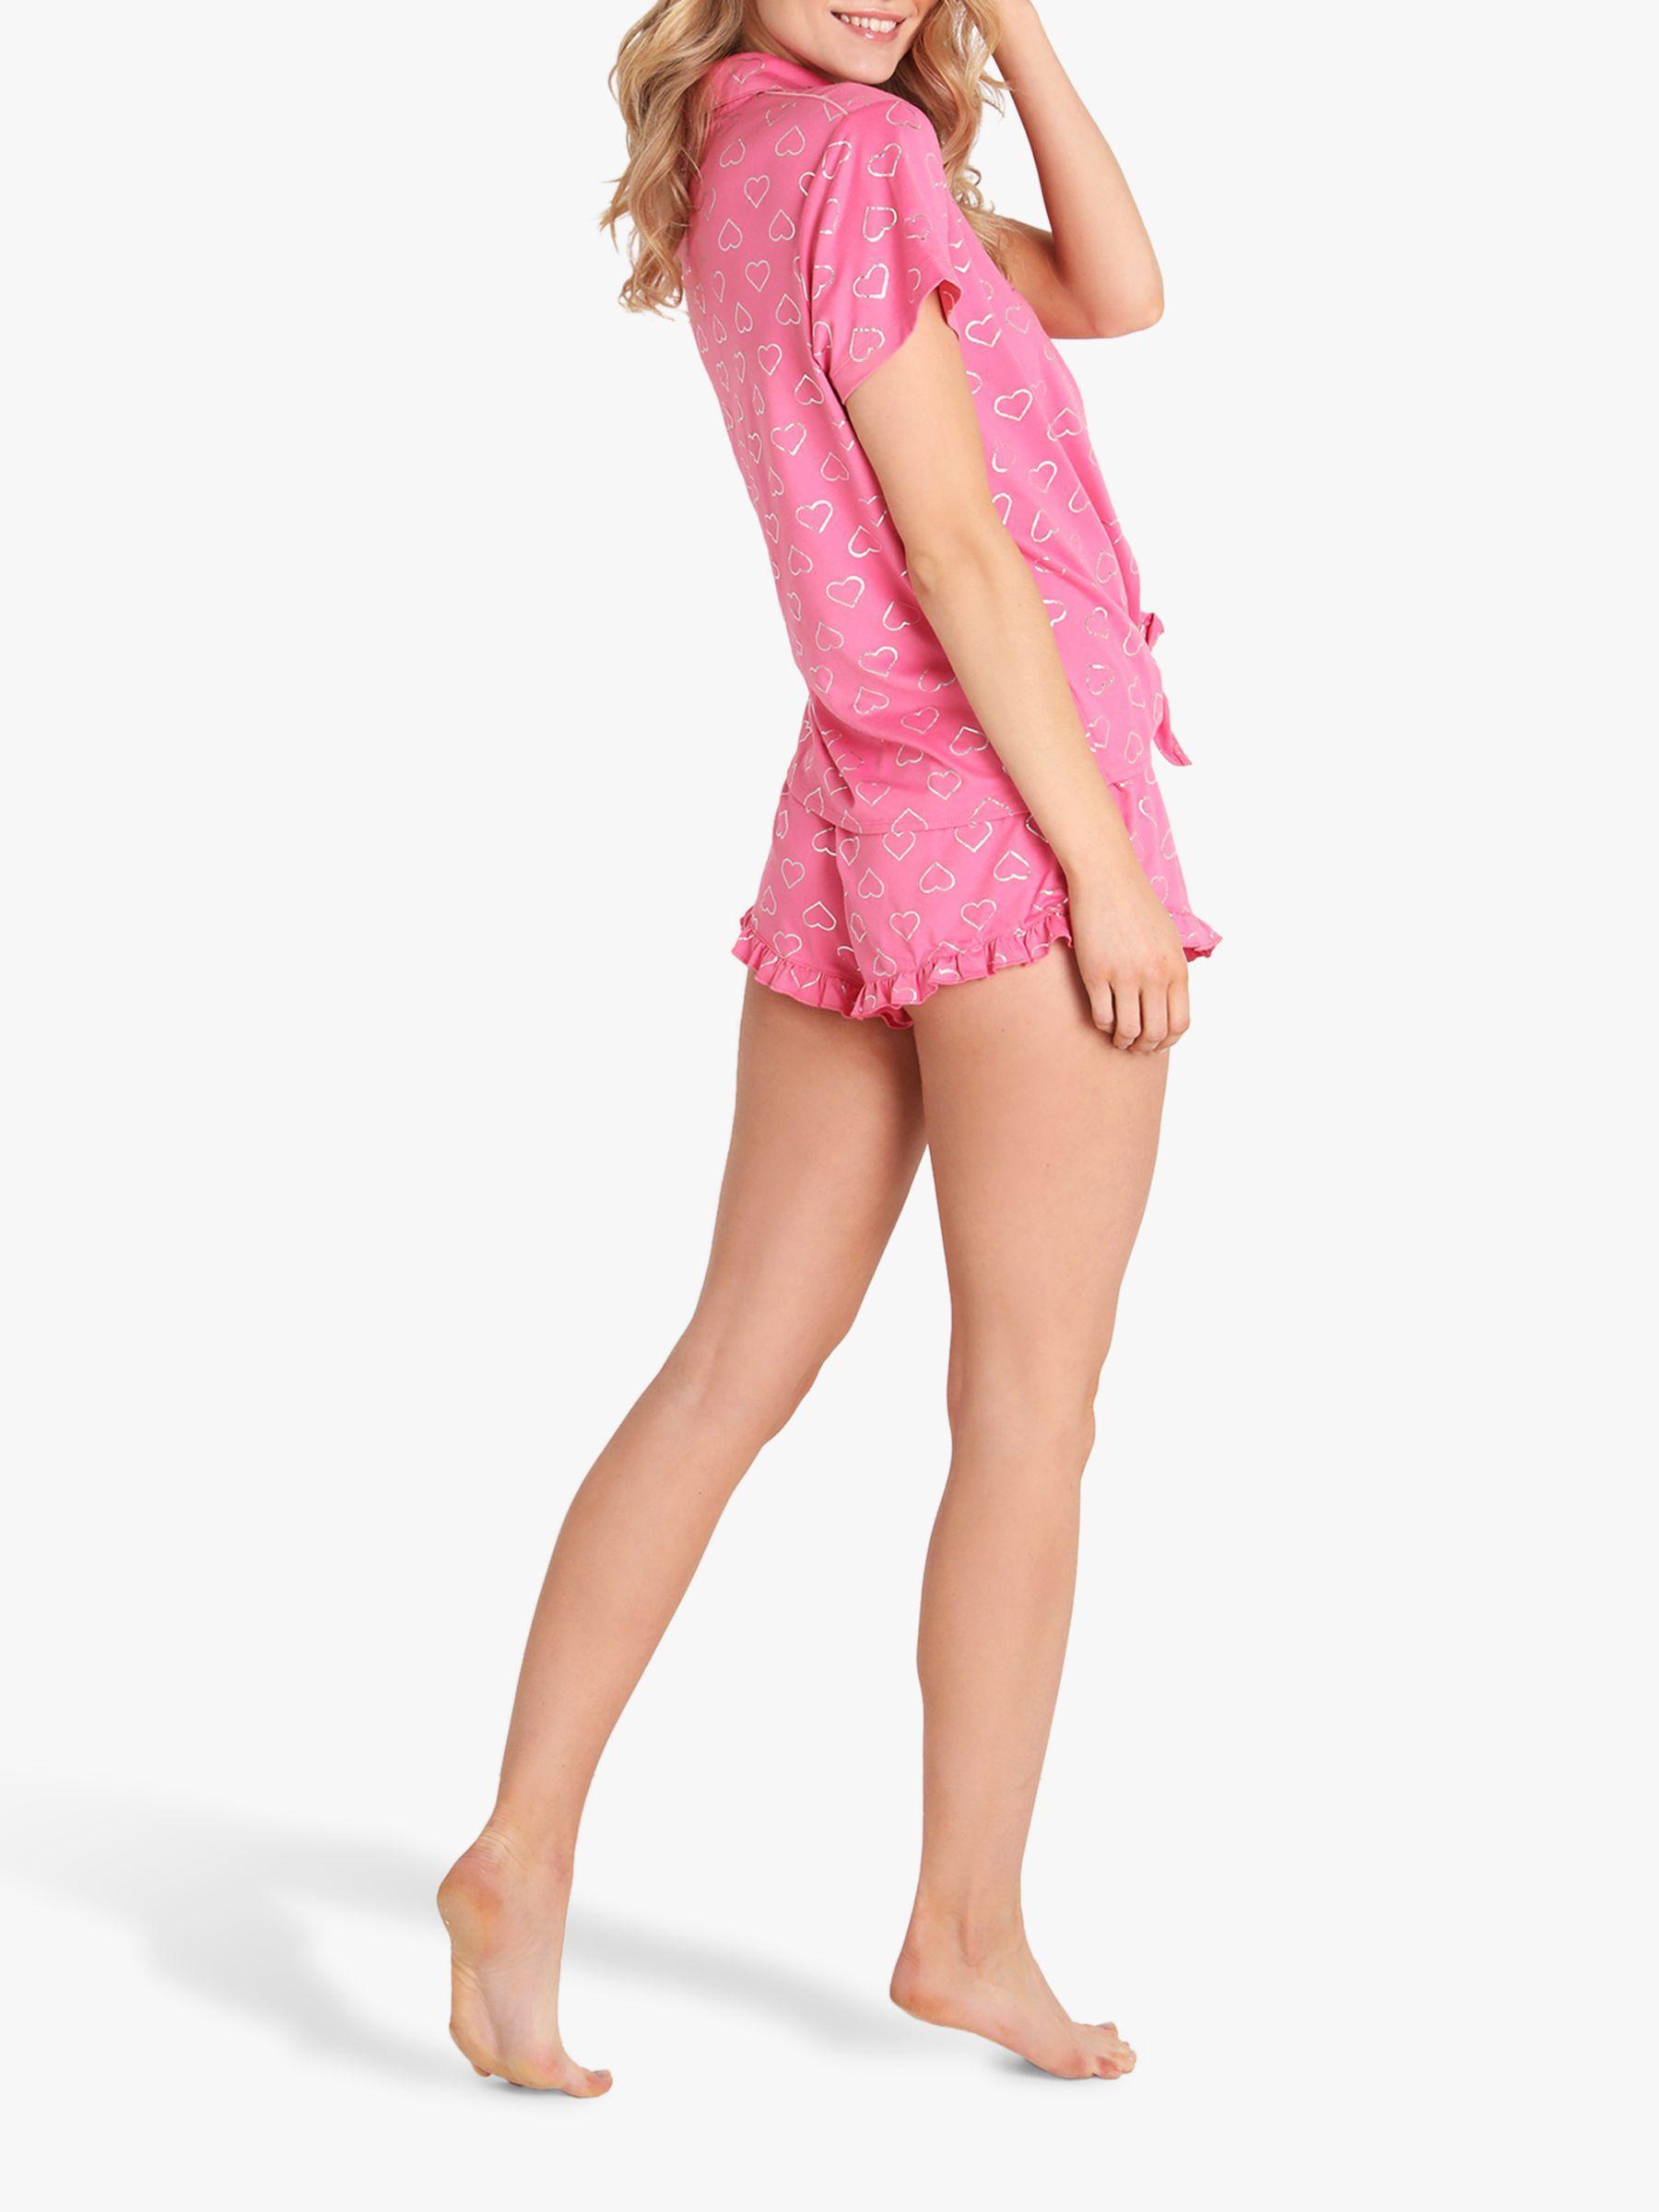 Chelsea Peers Foil Heart Short Pyjama Set in Pink - Lyst 363954318